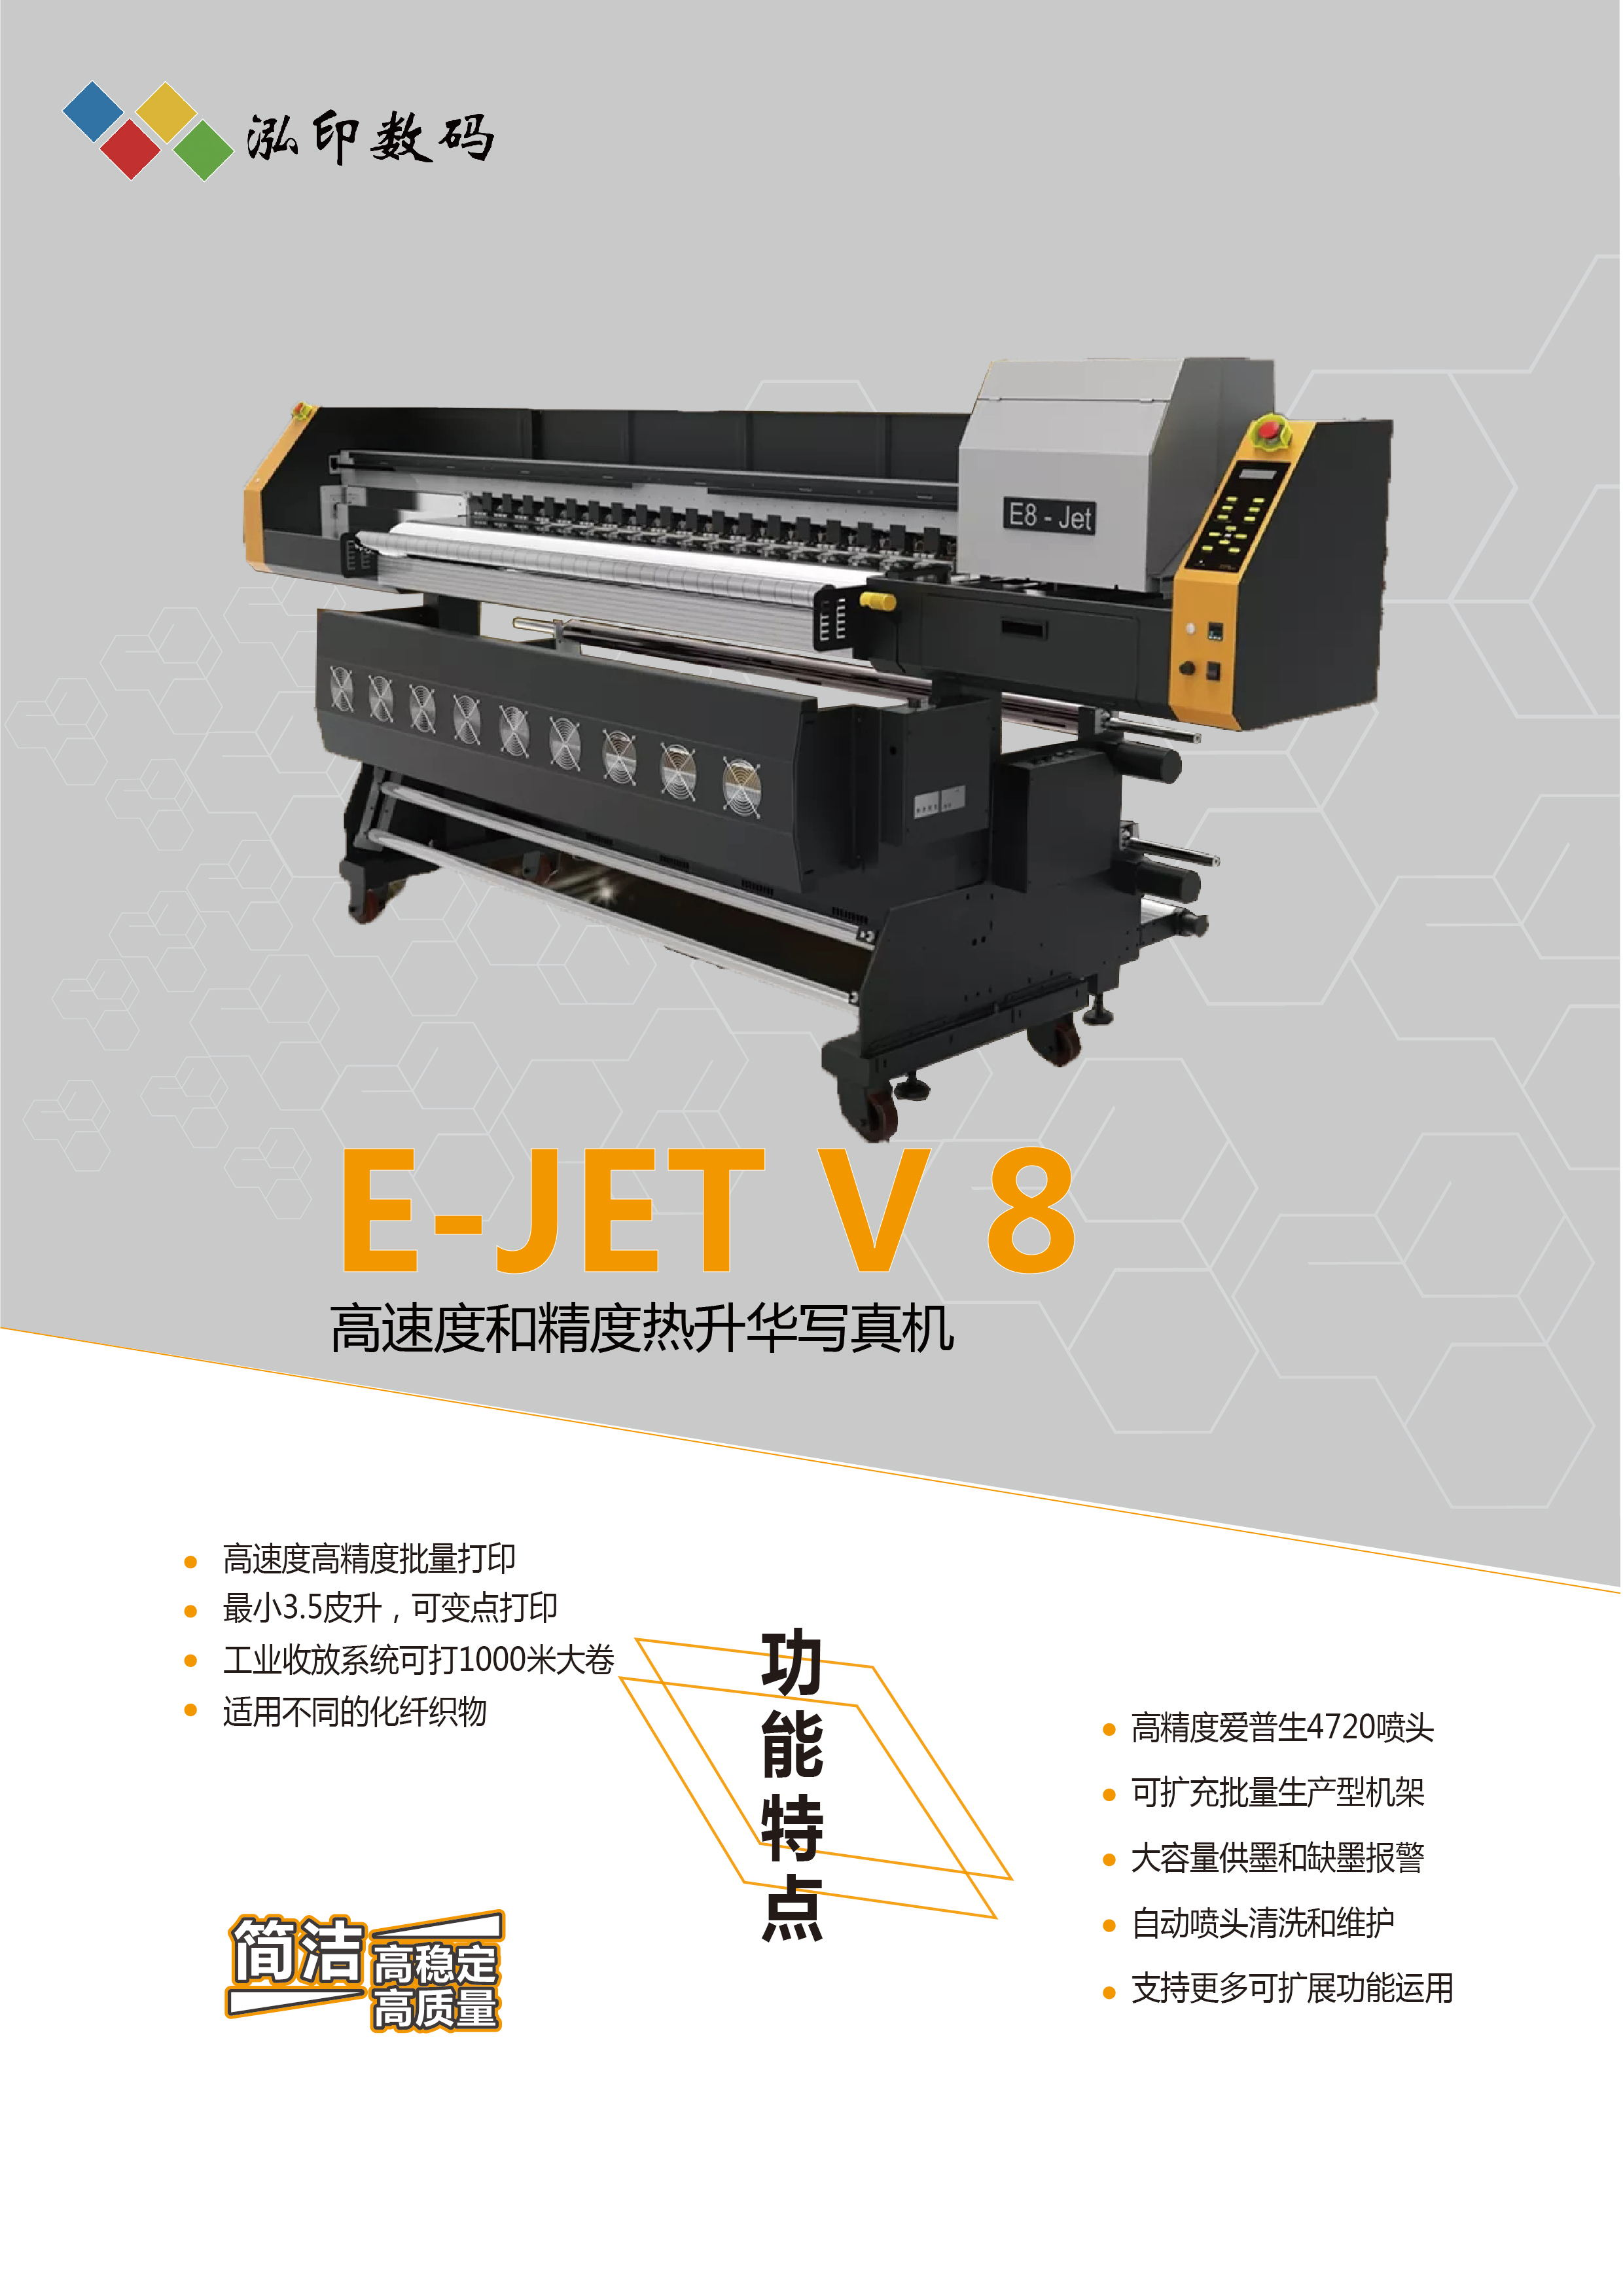 黑迈E-JET v8